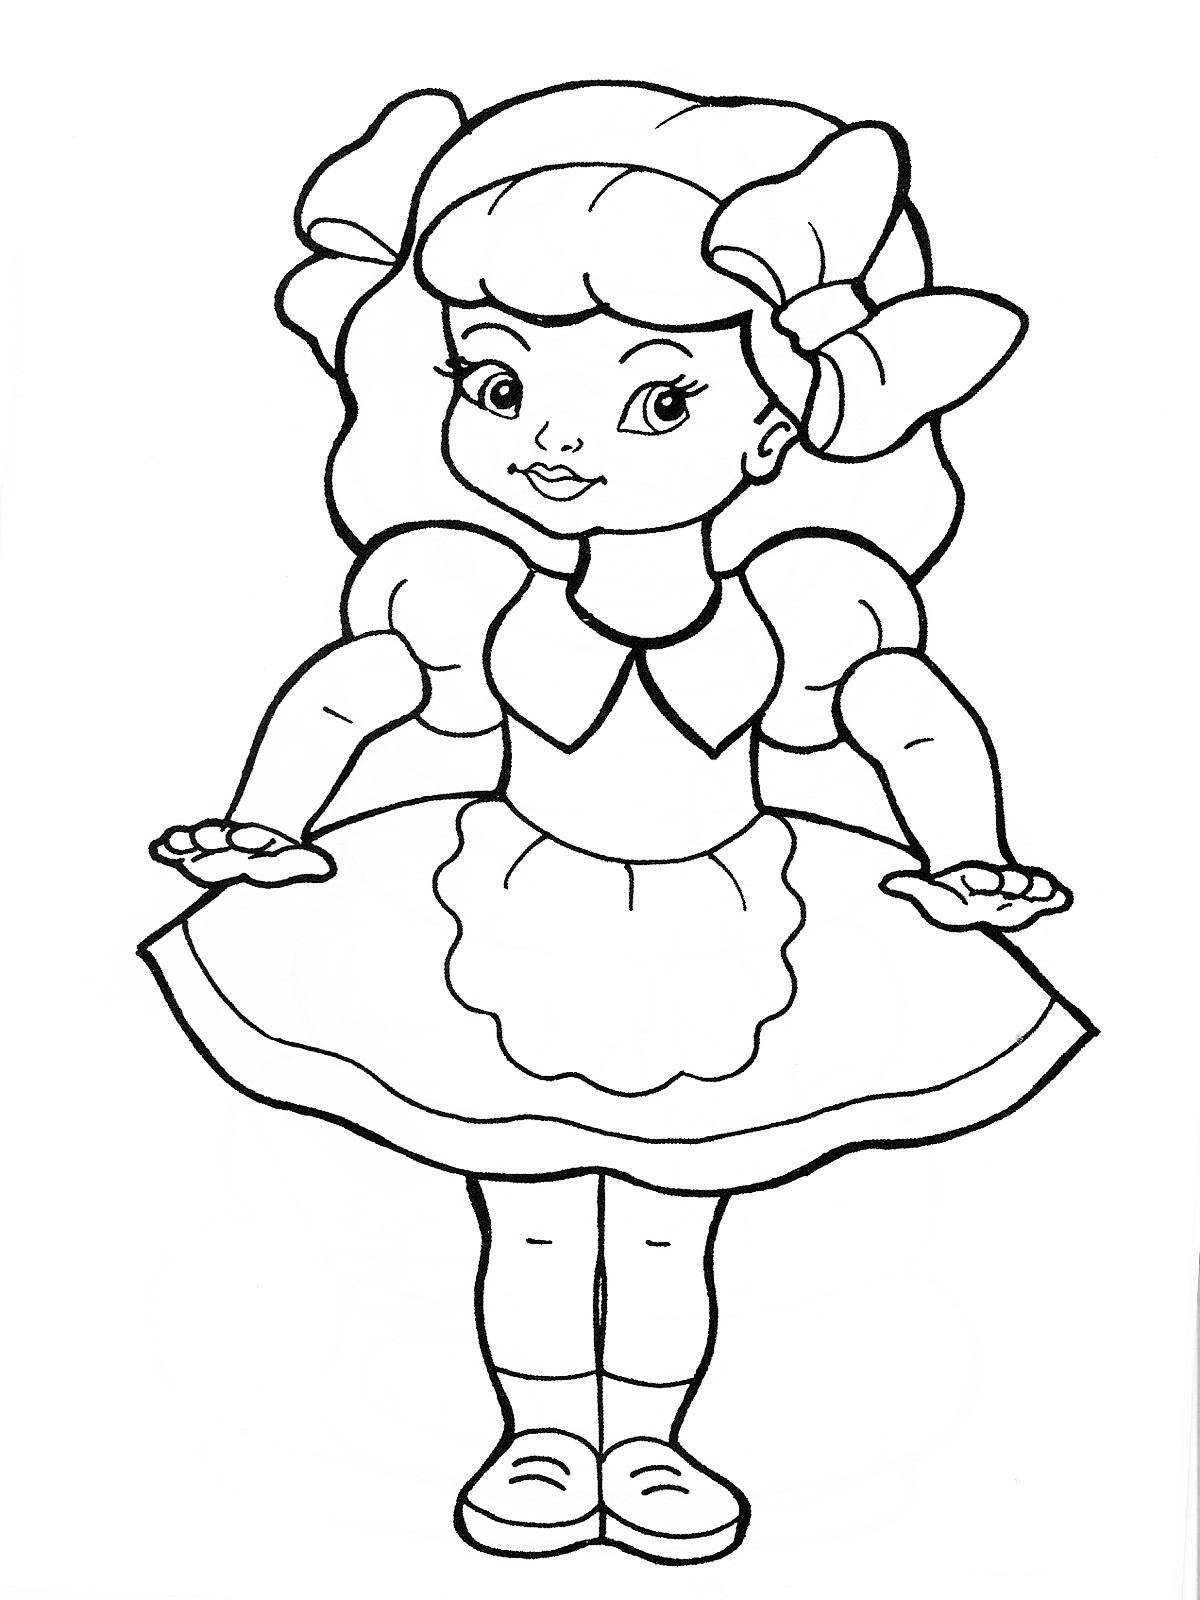 Раскраска для девочек 1 класс